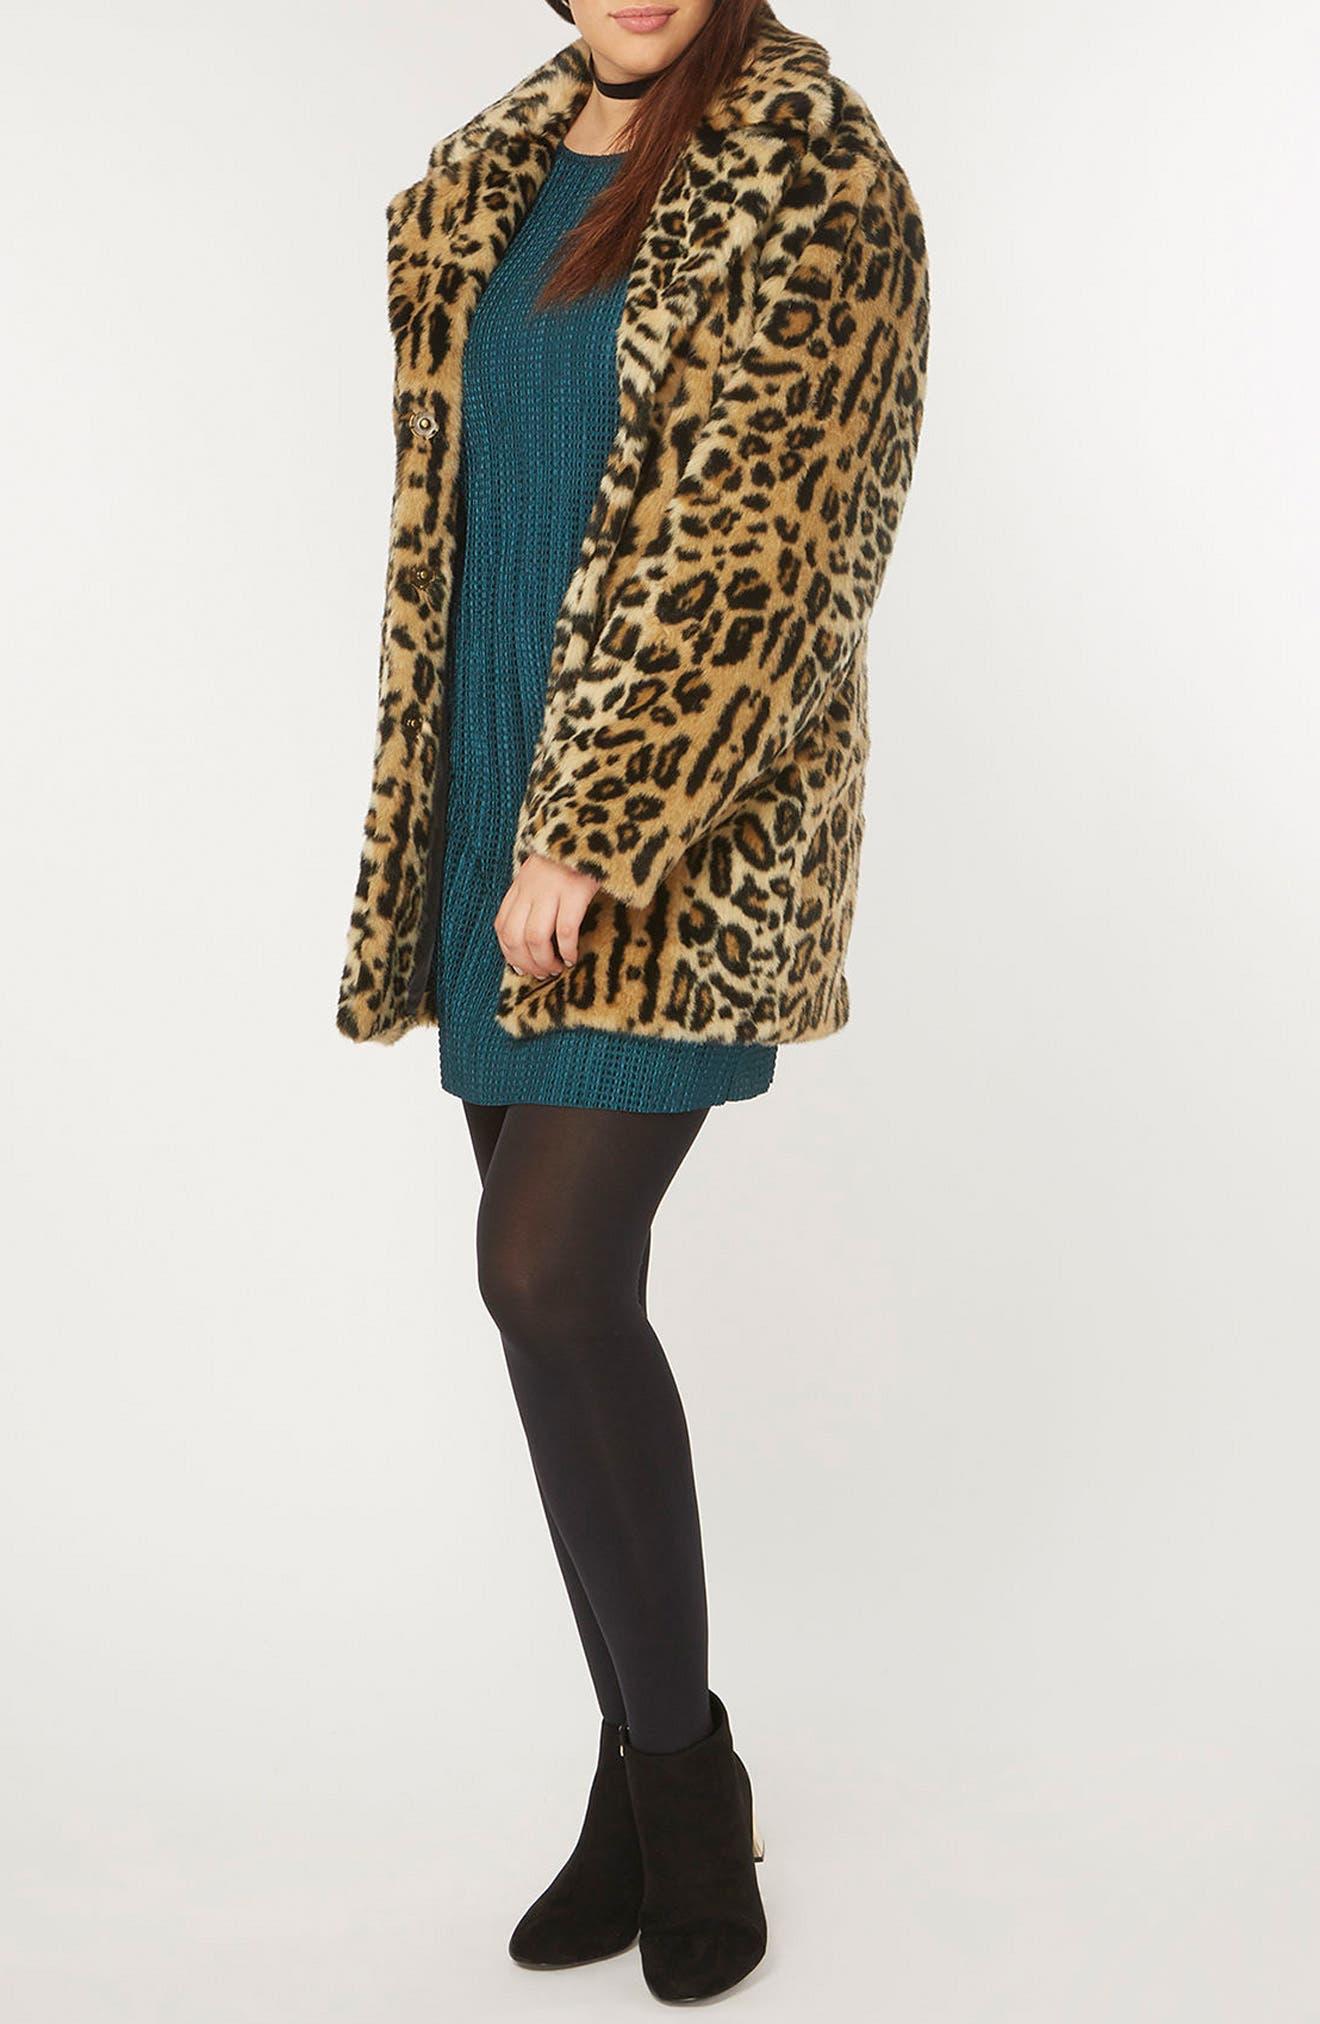 EVANS, Leopard Print Faux Fur Coat, Alternate thumbnail 4, color, 200